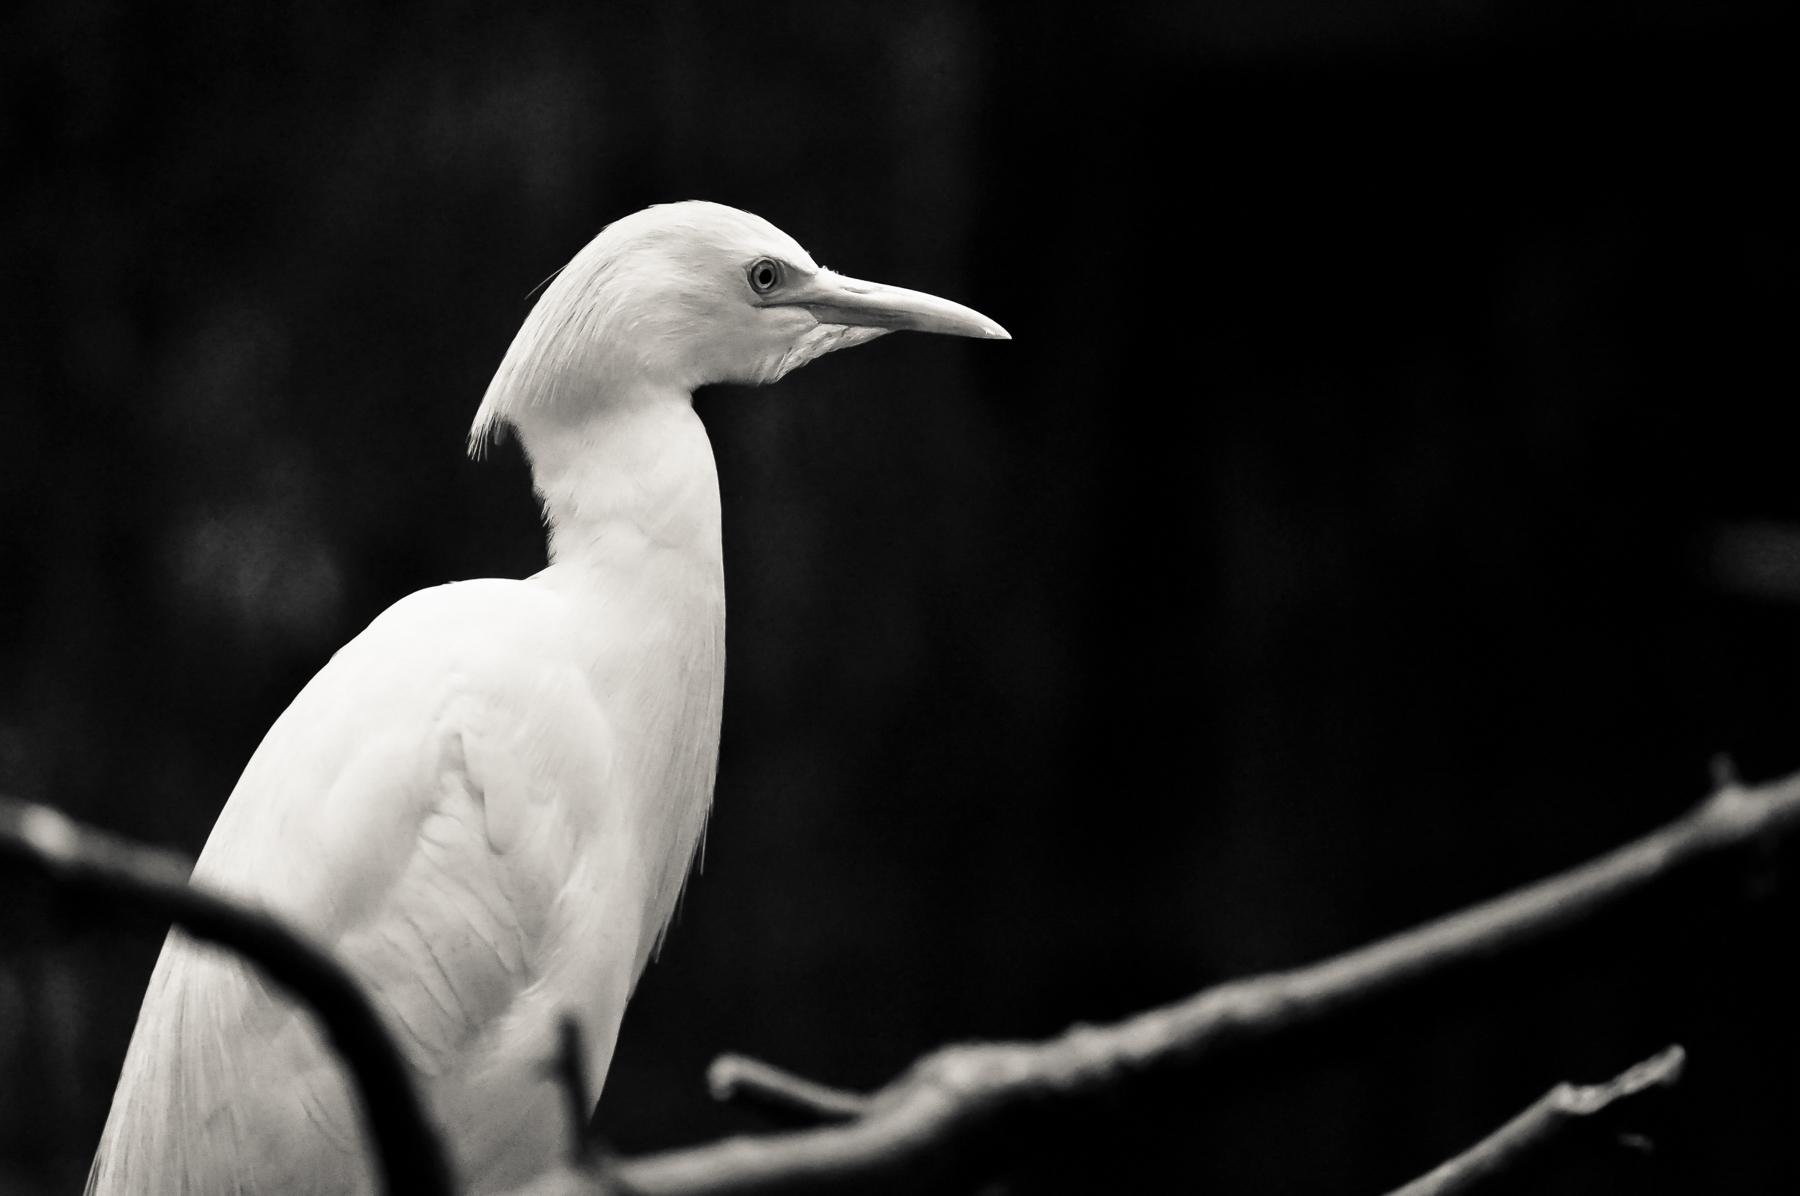 nature-wildlife-bird-egret.jpg